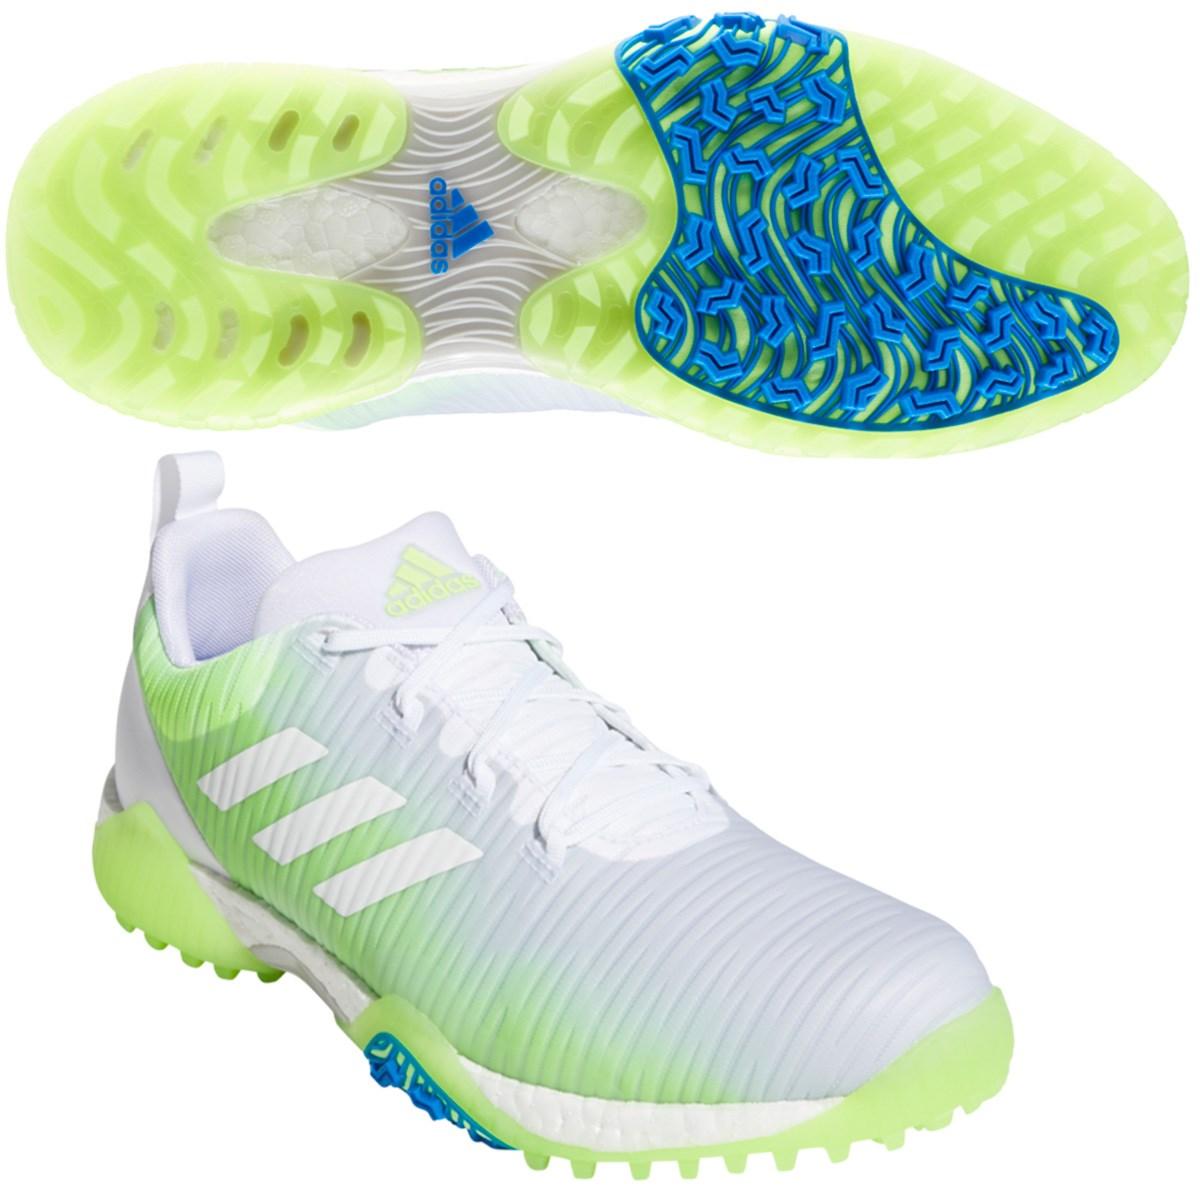 アディダス Adidas コードカオス シューズ 27.5cm ホワイト/シグナルグリーン/グローリーブルー